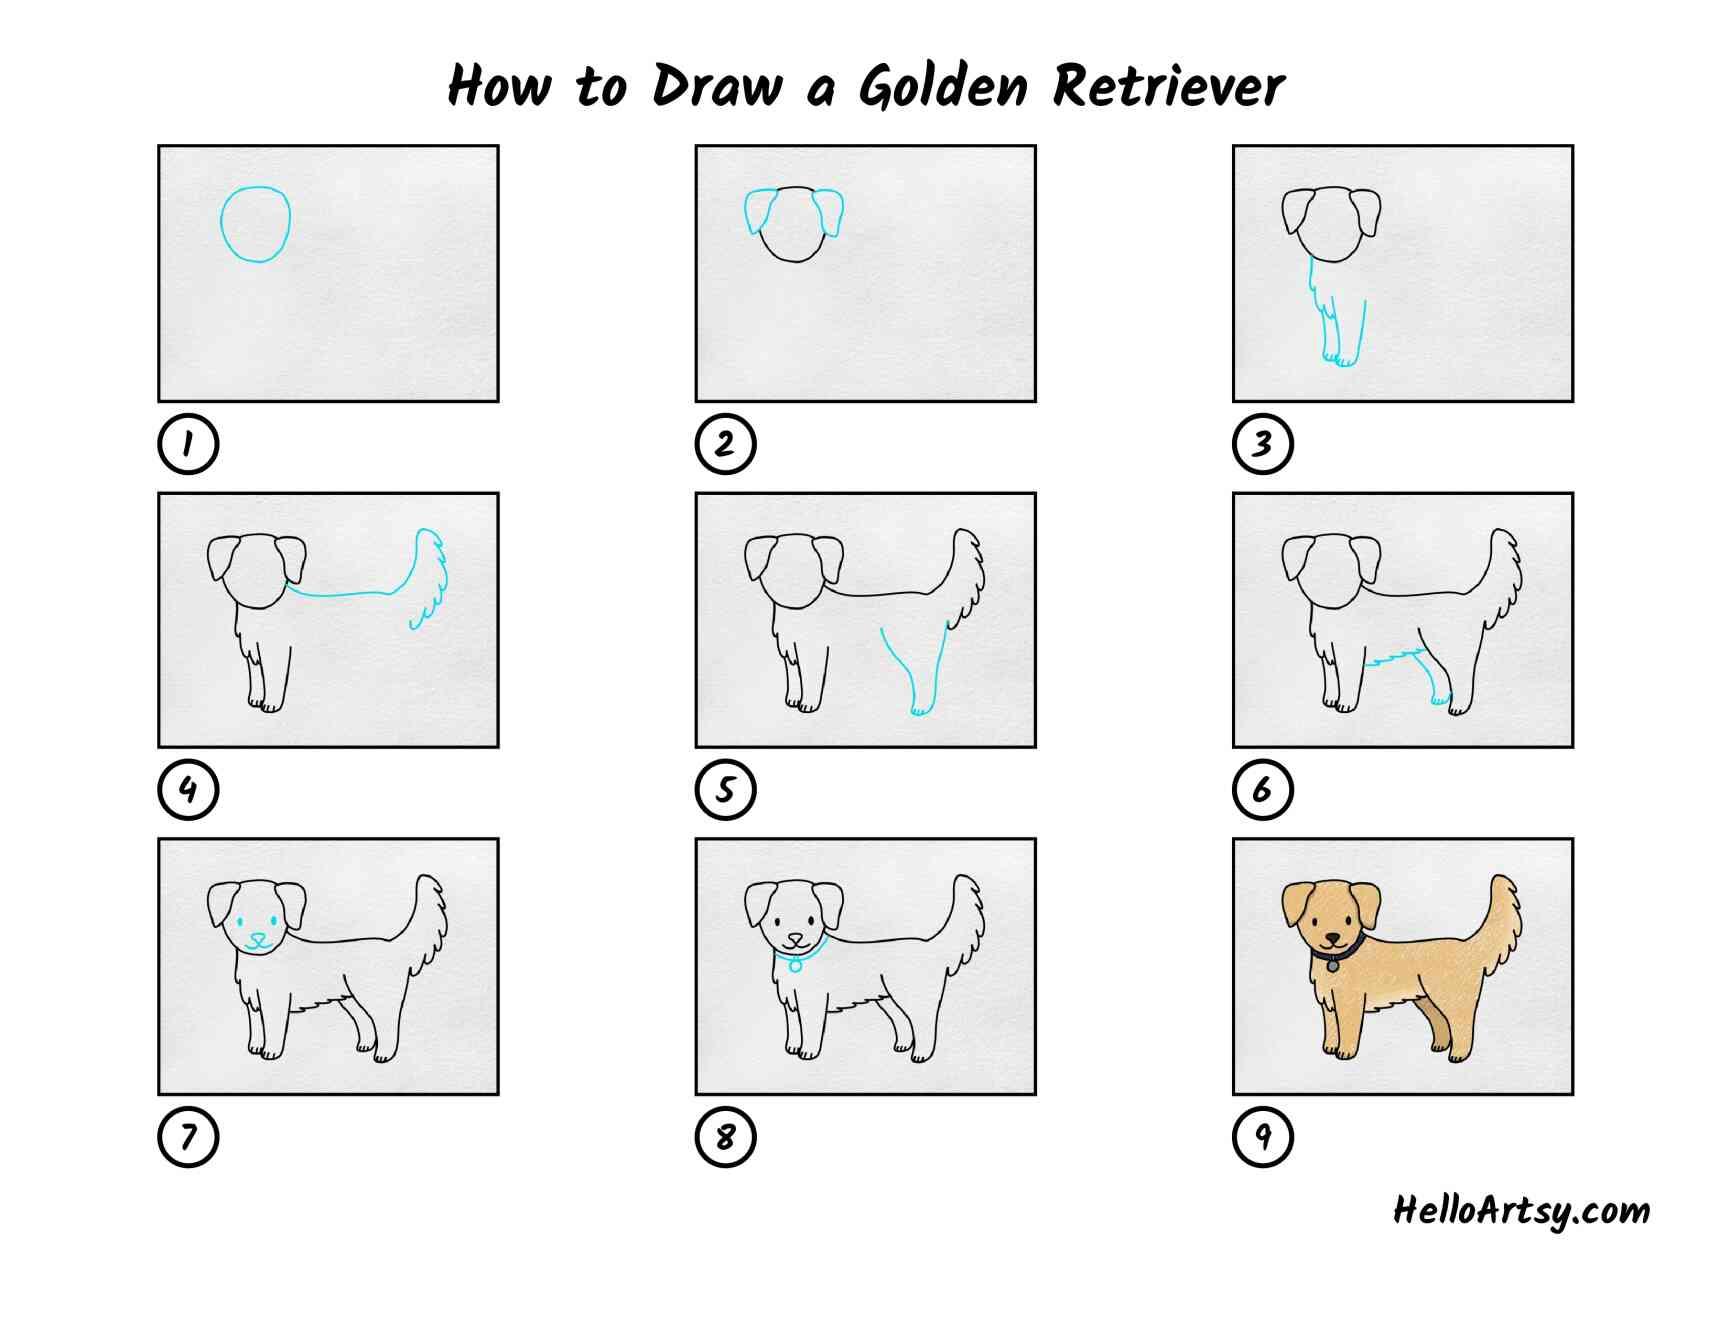 How To Draw A Golden Retriever: All Steps